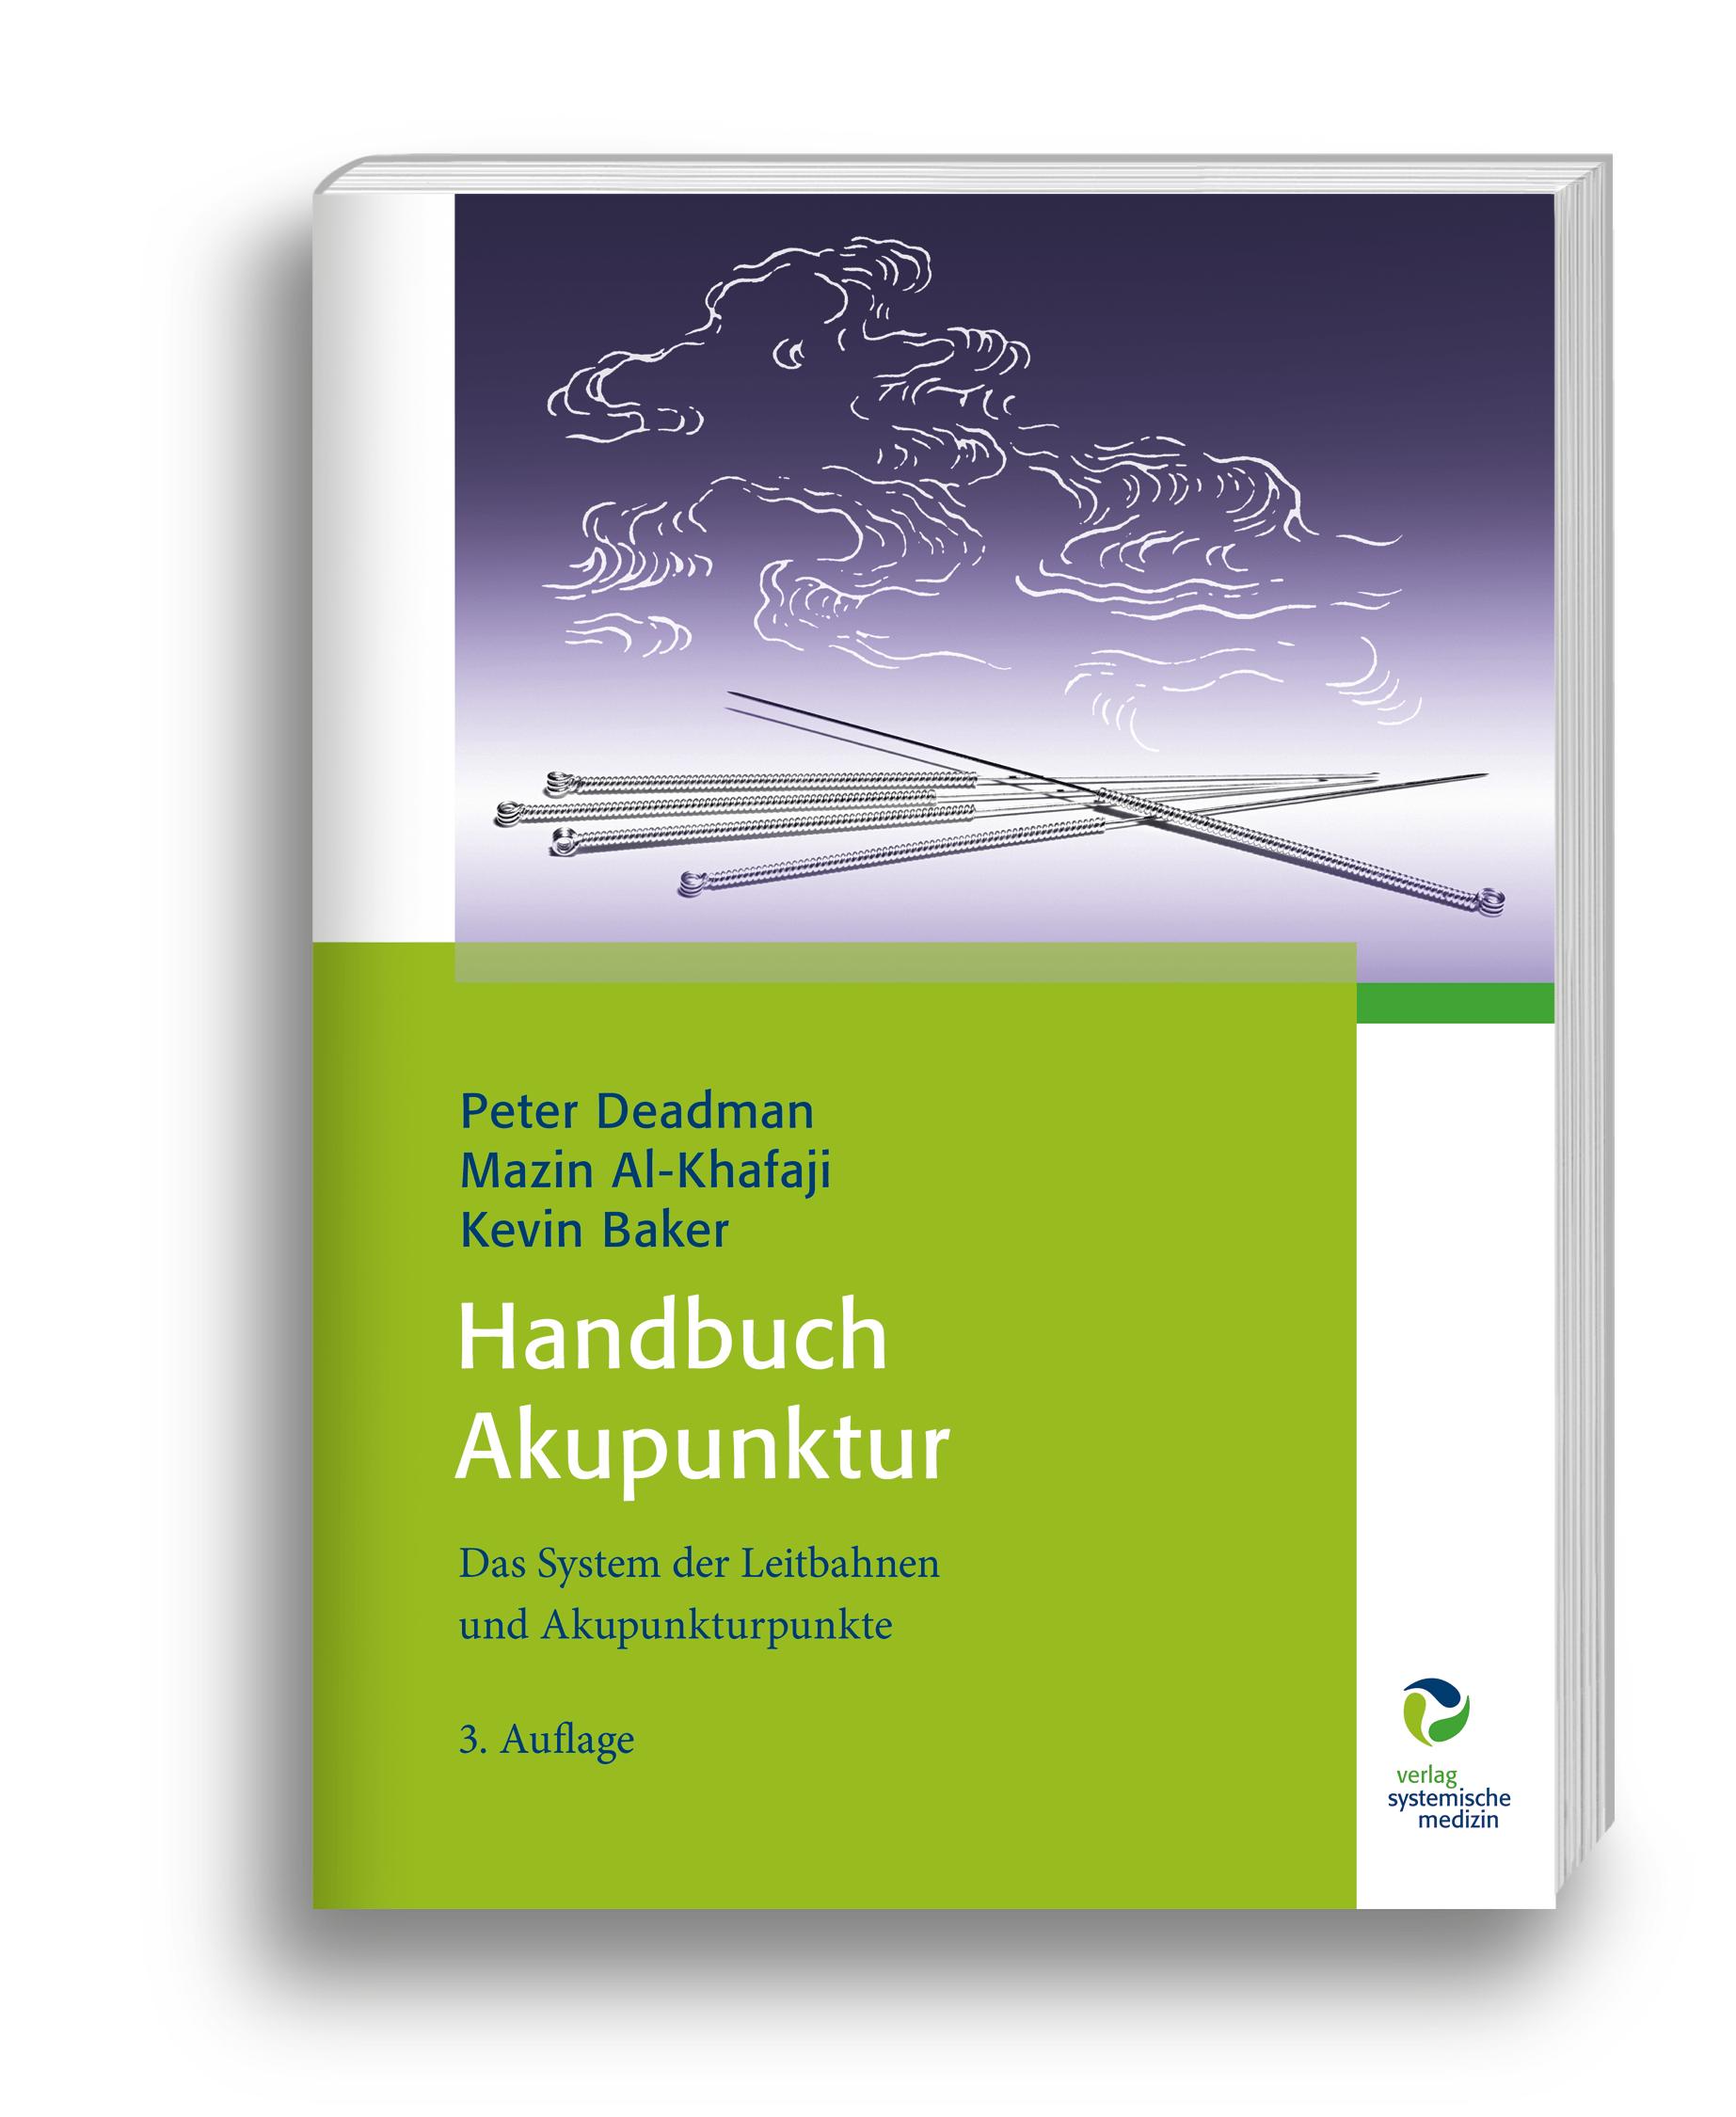 Buchcover Deadman: Handbuch Akupunktur